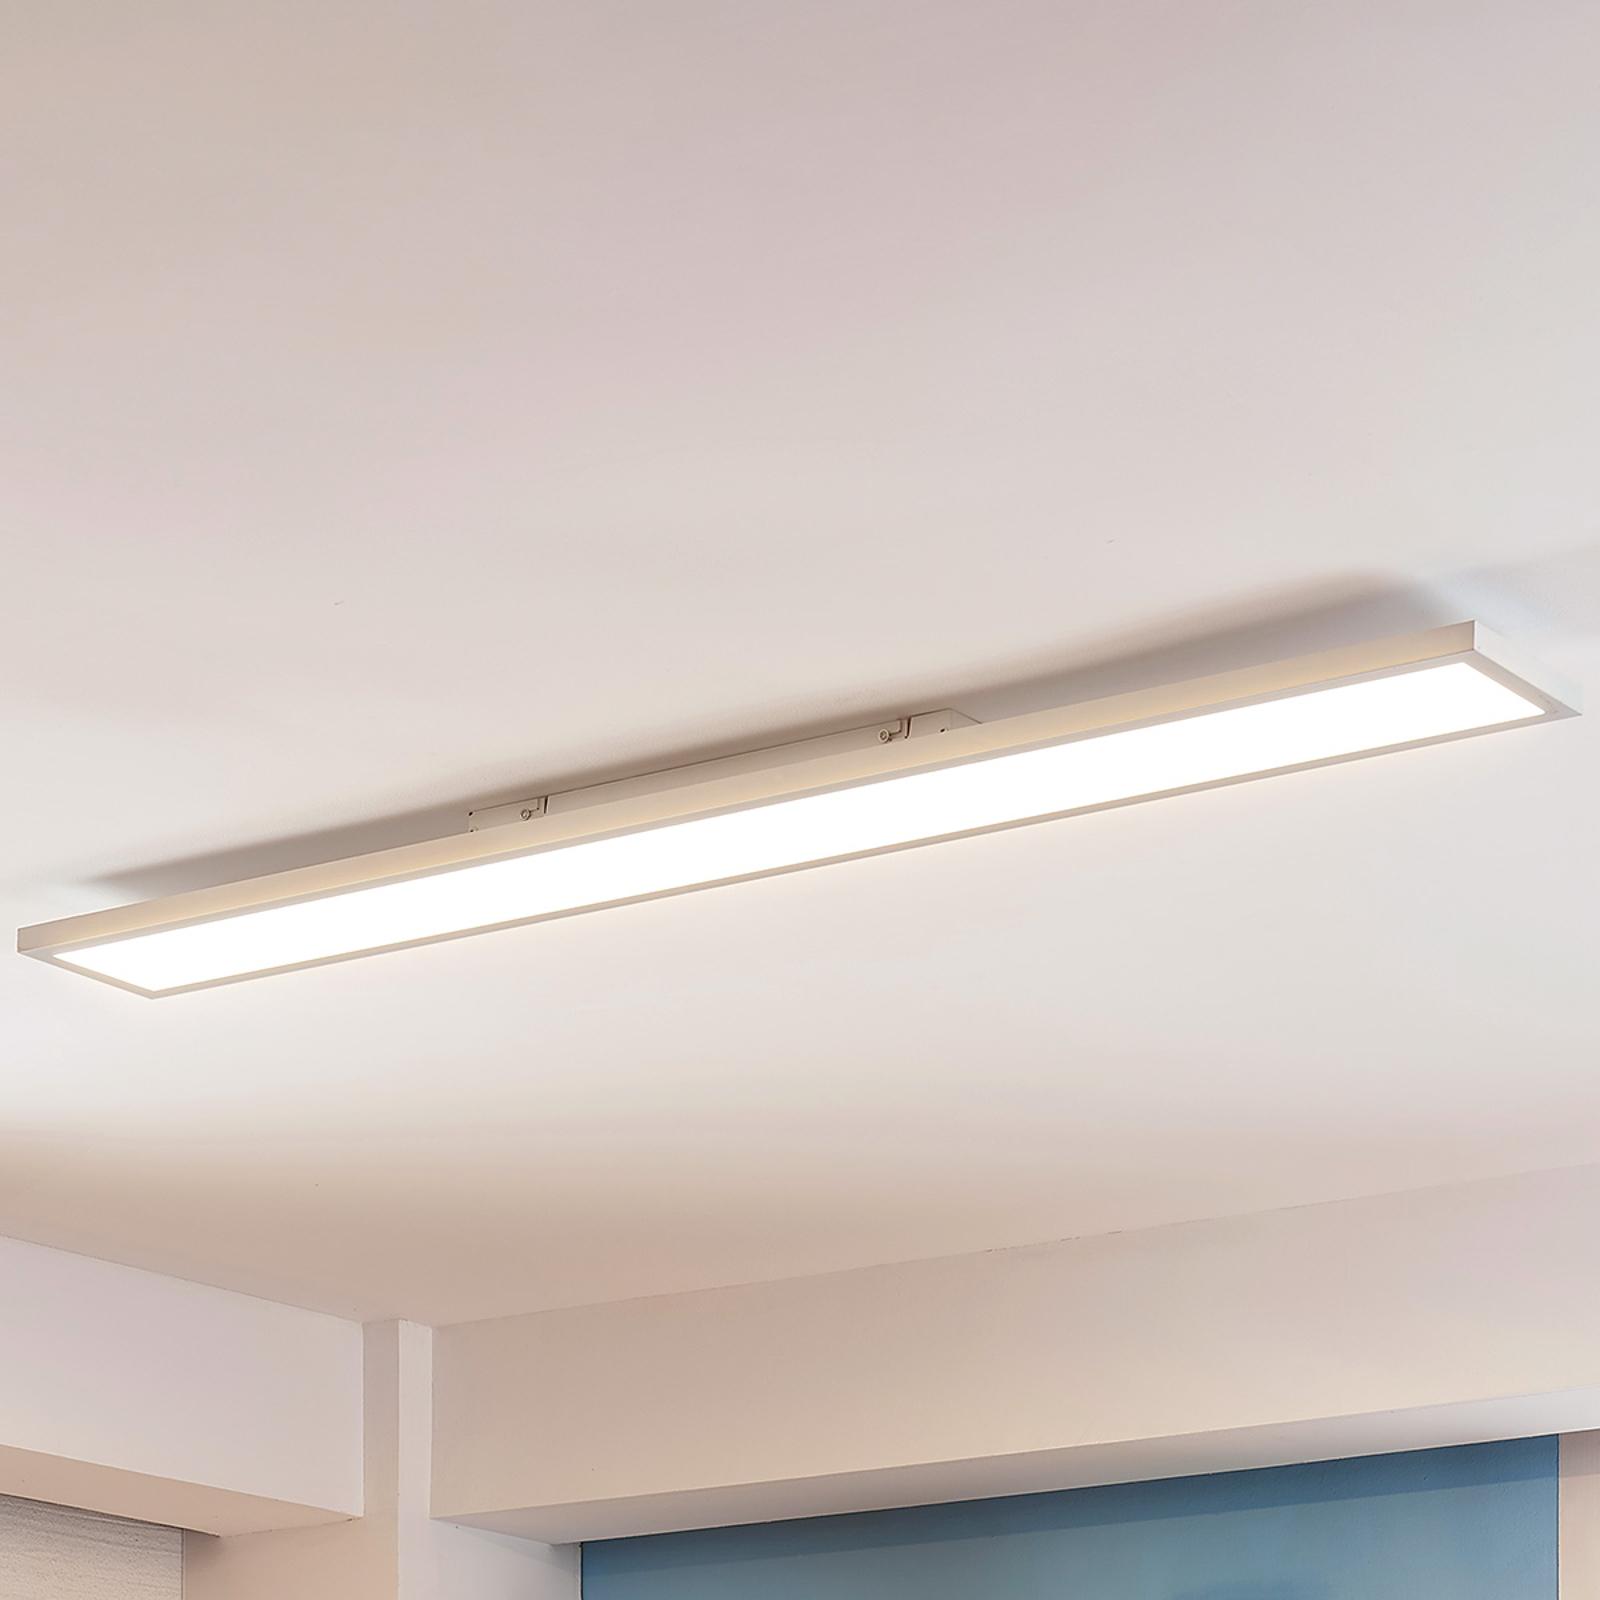 Panneau LED Enora avec une bonne luminosité